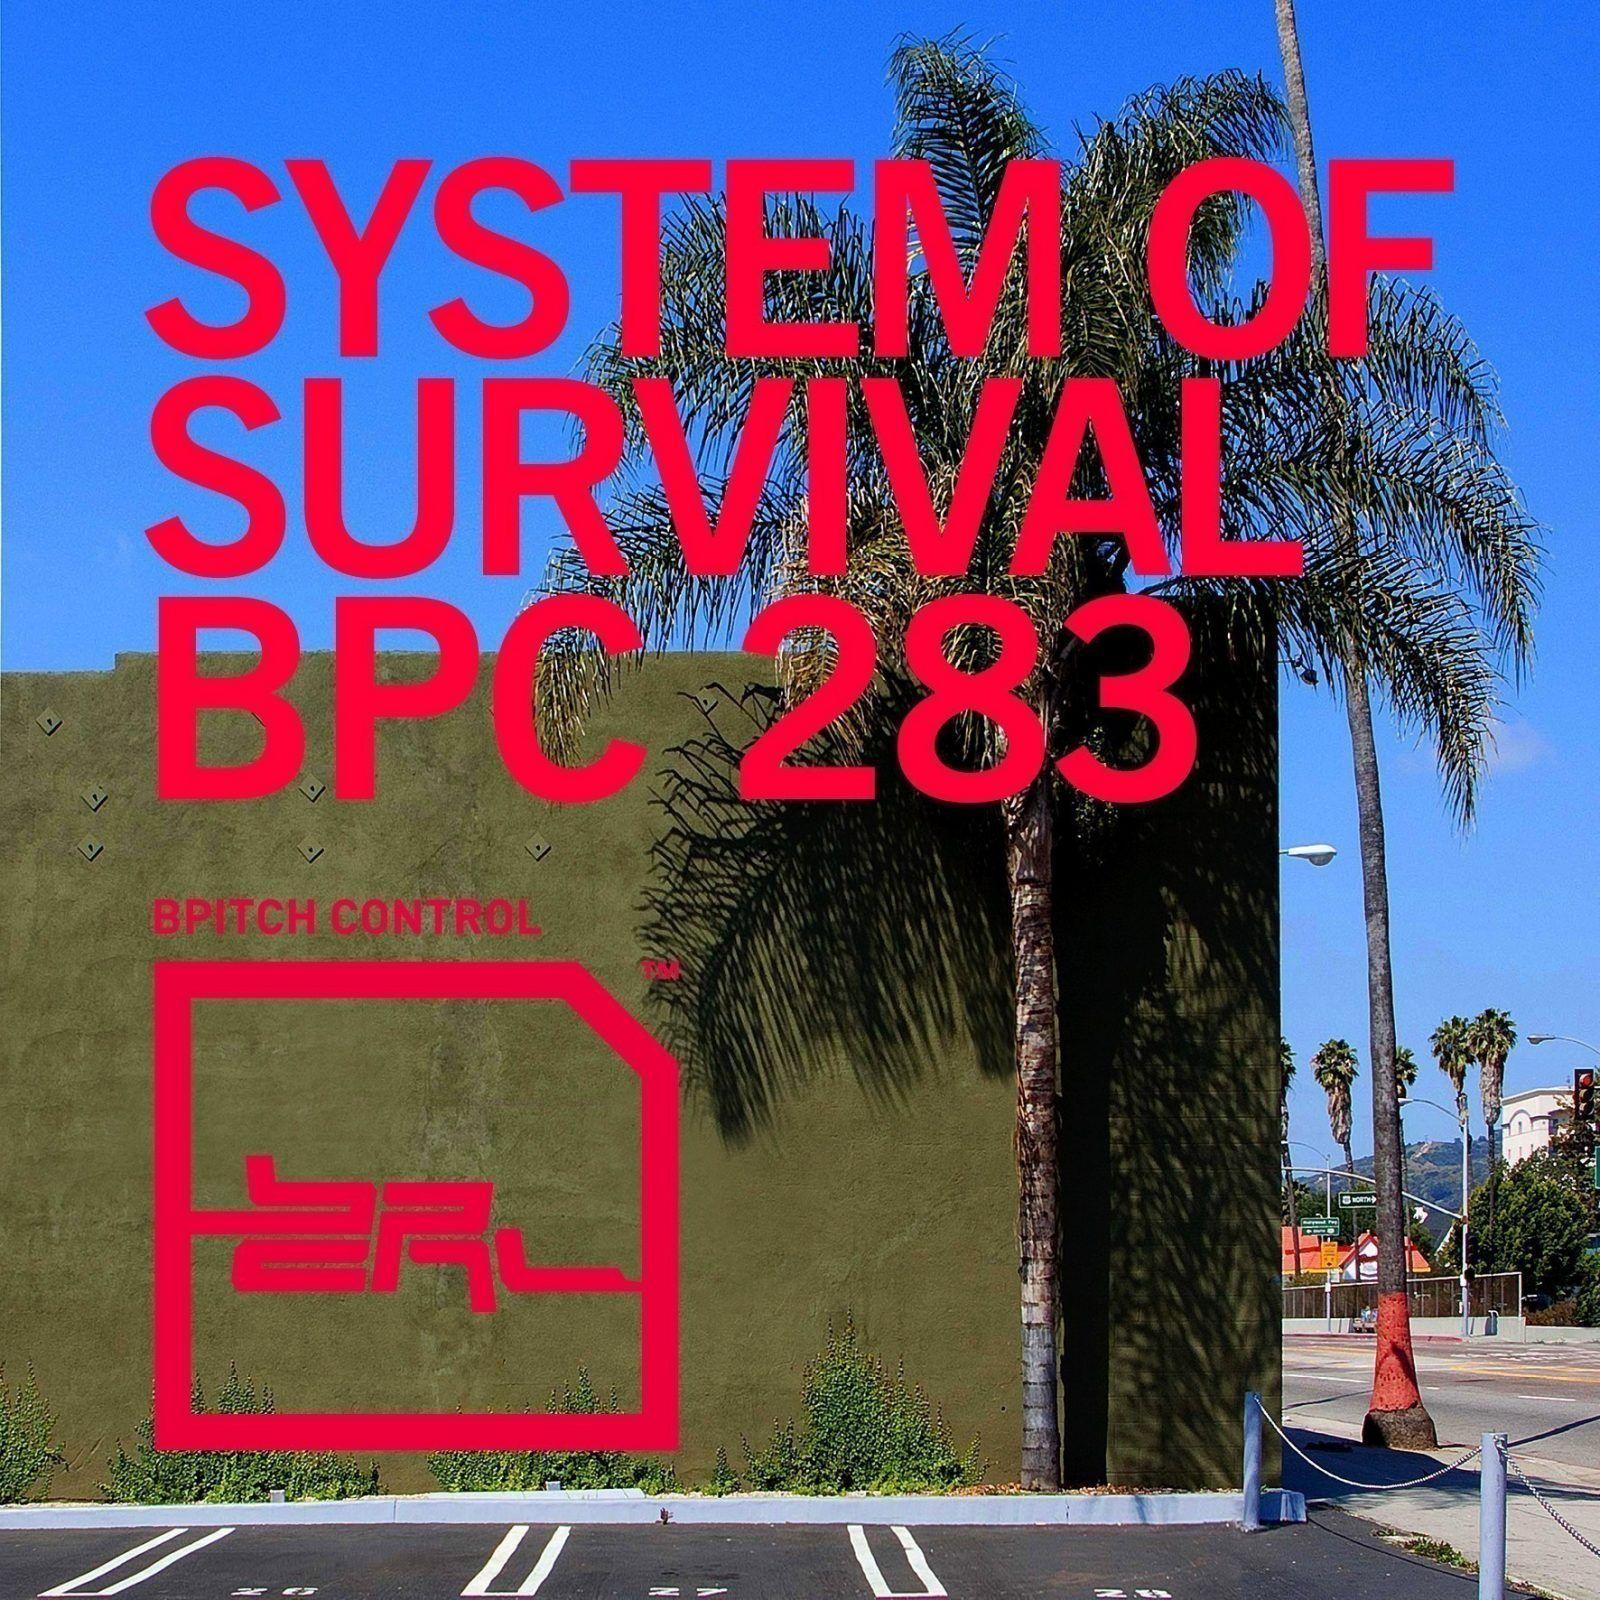 bpc283.digitalcover002.jpg